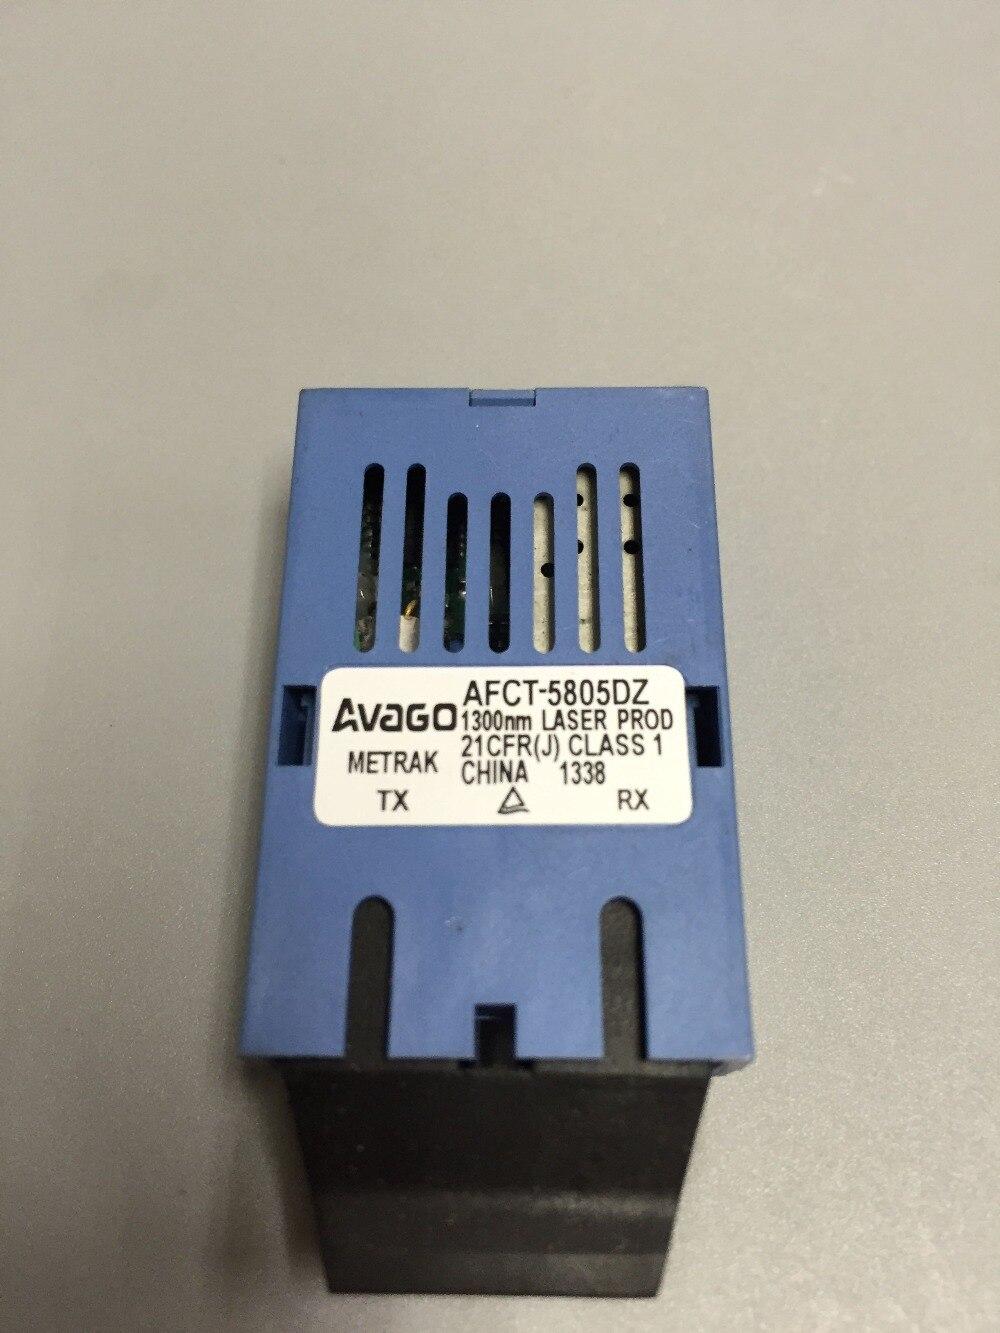 AVAGO Original 1300nm AFCT-5805DZ single mode 1X9 optical transceiver moduleAVAGO Original 1300nm AFCT-5805DZ single mode 1X9 optical transceiver module